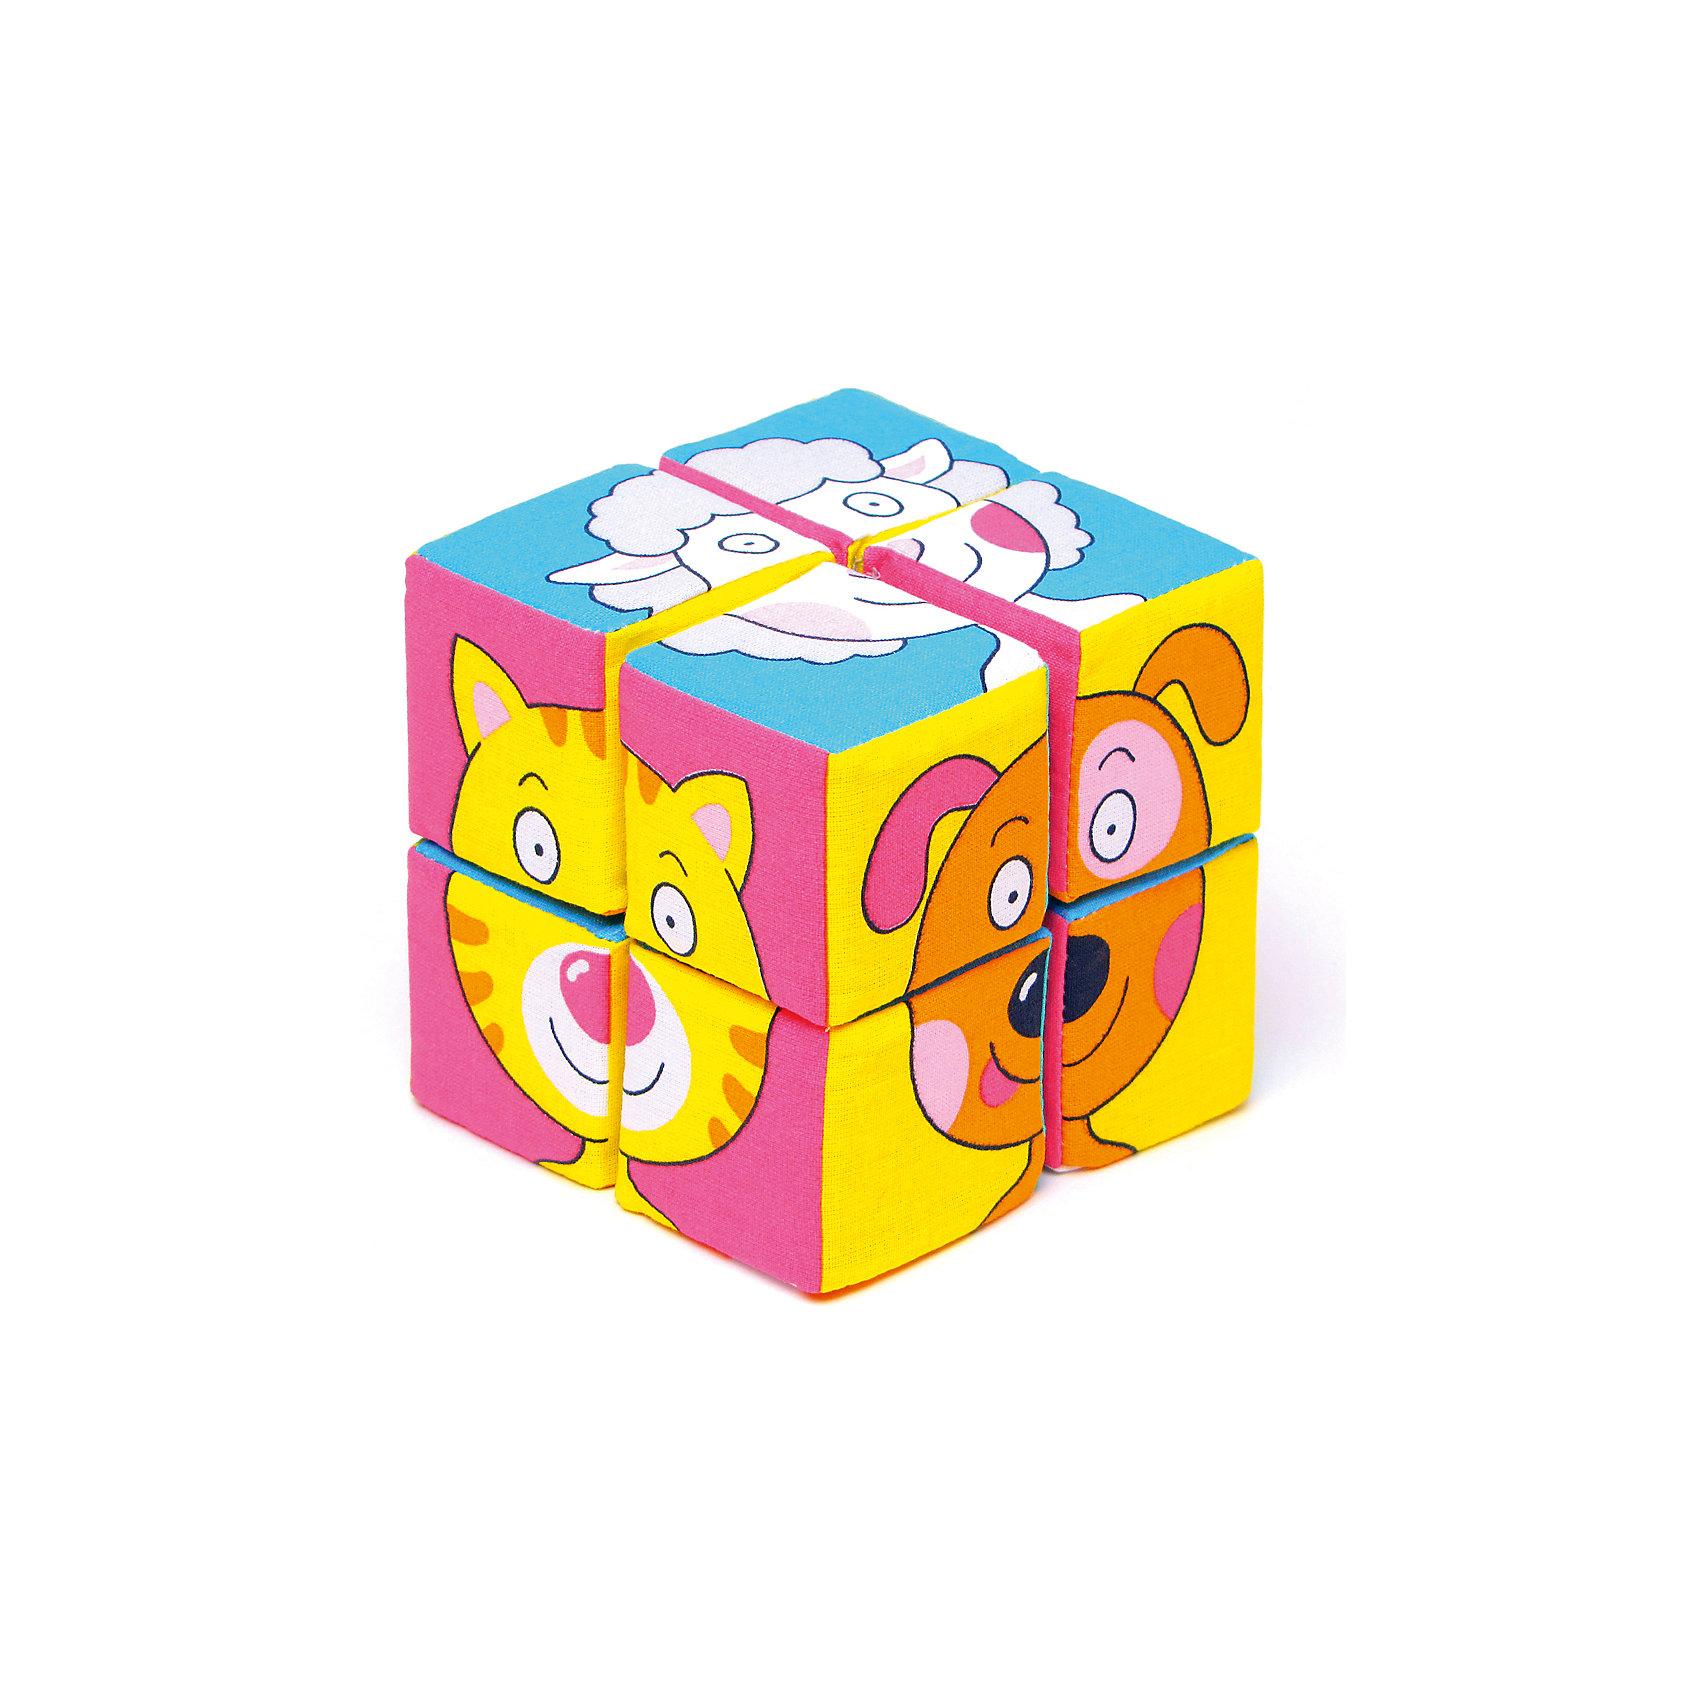 Кубики Собираем картину - зверята, МякишиМягкие игрушки<br>Характеристики товара:<br><br>• материал: хлопок, поролон<br>• комплектация: 8 шт<br>• размер игрушки: 5 см<br>• можно собрать шесть картинок<br>• развивающая игрушка<br>• упаковка: картон<br>• страна бренда: РФ<br>• страна изготовитель: РФ<br><br>Малыши активно познают мир и тянутся к новой информации. Чтобы сделать процесс изучения окружающего пространства интереснее, ребенку можно подарить развивающие игрушки. В процессе игры информация усваивается намного лучше!<br>Такие кубики помогут занять малыша, играть ими приятно и весело. Одновременно они позволят познакомиться со многими цветами, фактурами, а также из них можно собрать шесть зверей. Такие игрушки развивают тактильные ощущения, моторику, цветовосприятие, логику, воображение, учат фокусировать внимание. Каждое изделие абсолютно безопасно – оно создано из качественной ткани с мягким наполнителем. Игрушки производятся из качественных и проверенных материалов, которые безопасны для детей.<br><br>Кубики Собери картинку - зверята от бренда Мякиши можно купить в нашем интернет-магазине.<br><br>Ширина мм: 155<br>Глубина мм: 180<br>Высота мм: 100<br>Вес г: 80<br>Возраст от месяцев: 12<br>Возраст до месяцев: 36<br>Пол: Унисекс<br>Возраст: Детский<br>SKU: 5183226